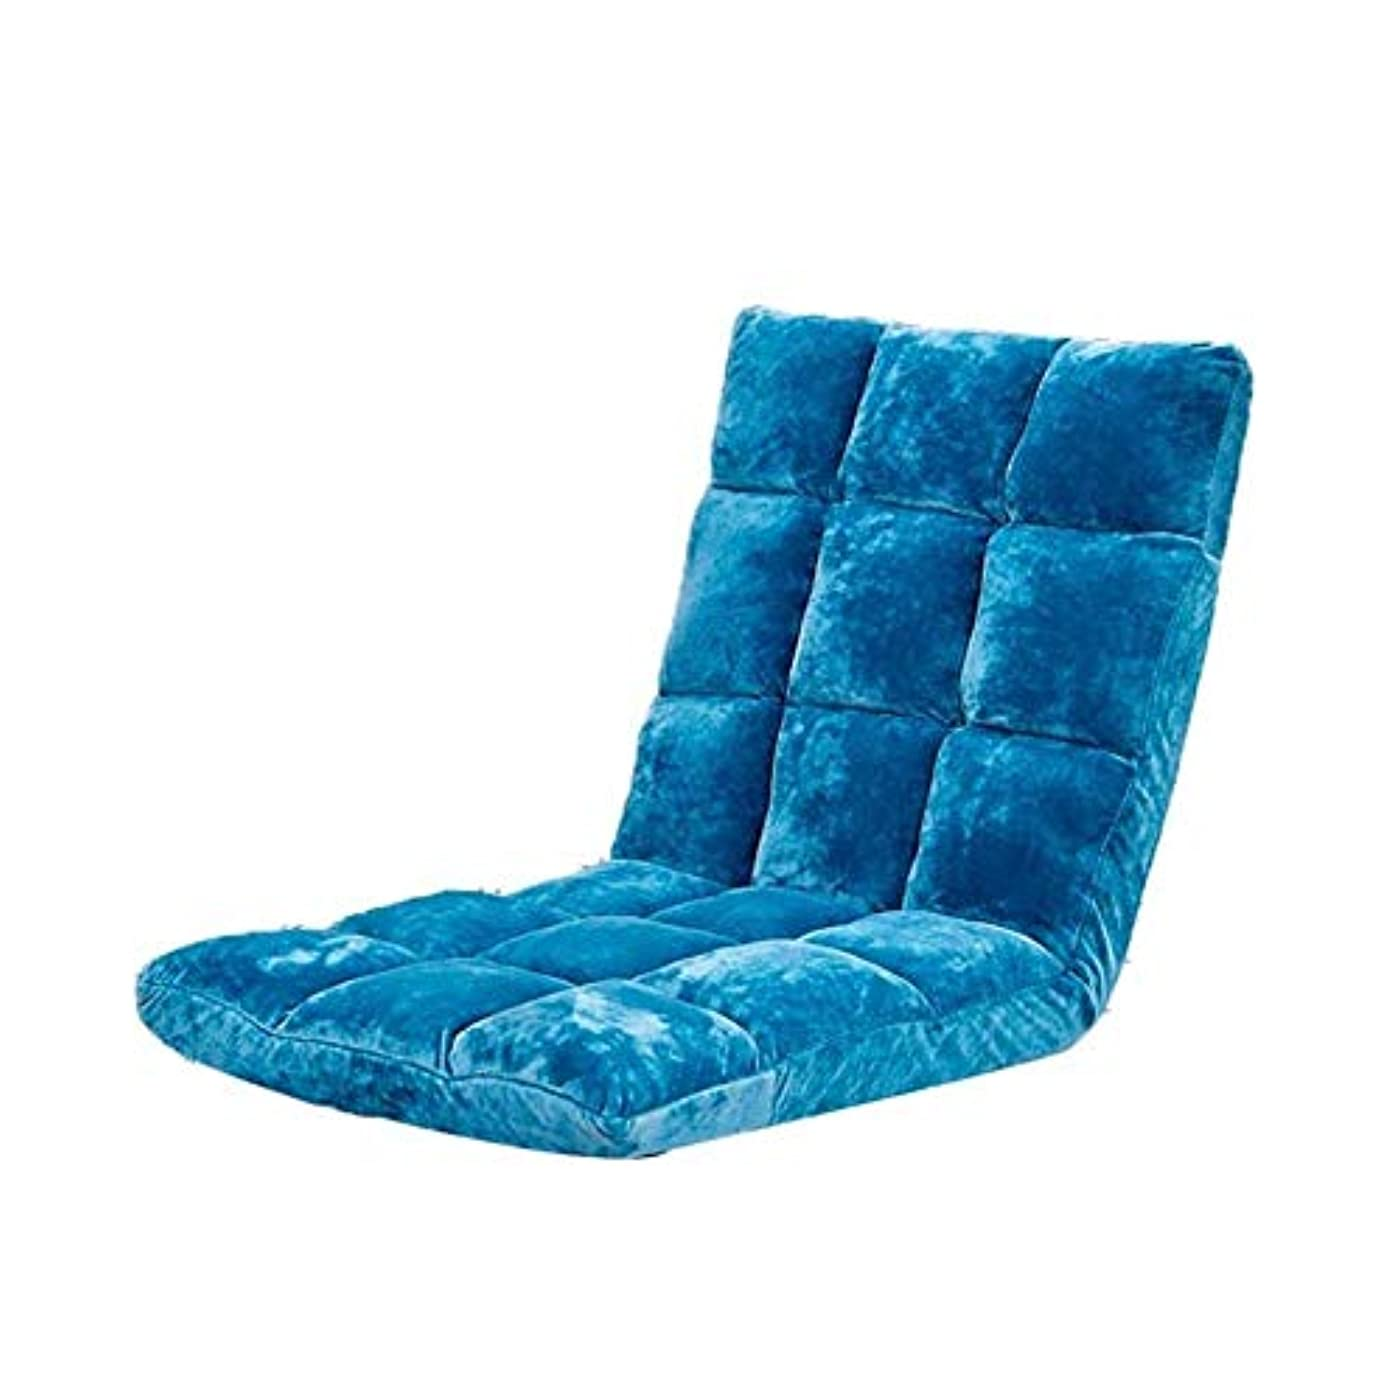 規定経験幸運な瞑想チェア、シングルレイジーソファ、折りたたみ式バルコニーフロアチェア、畳コンピューターチェア、ベイウィンドウチェア (Color : 青)